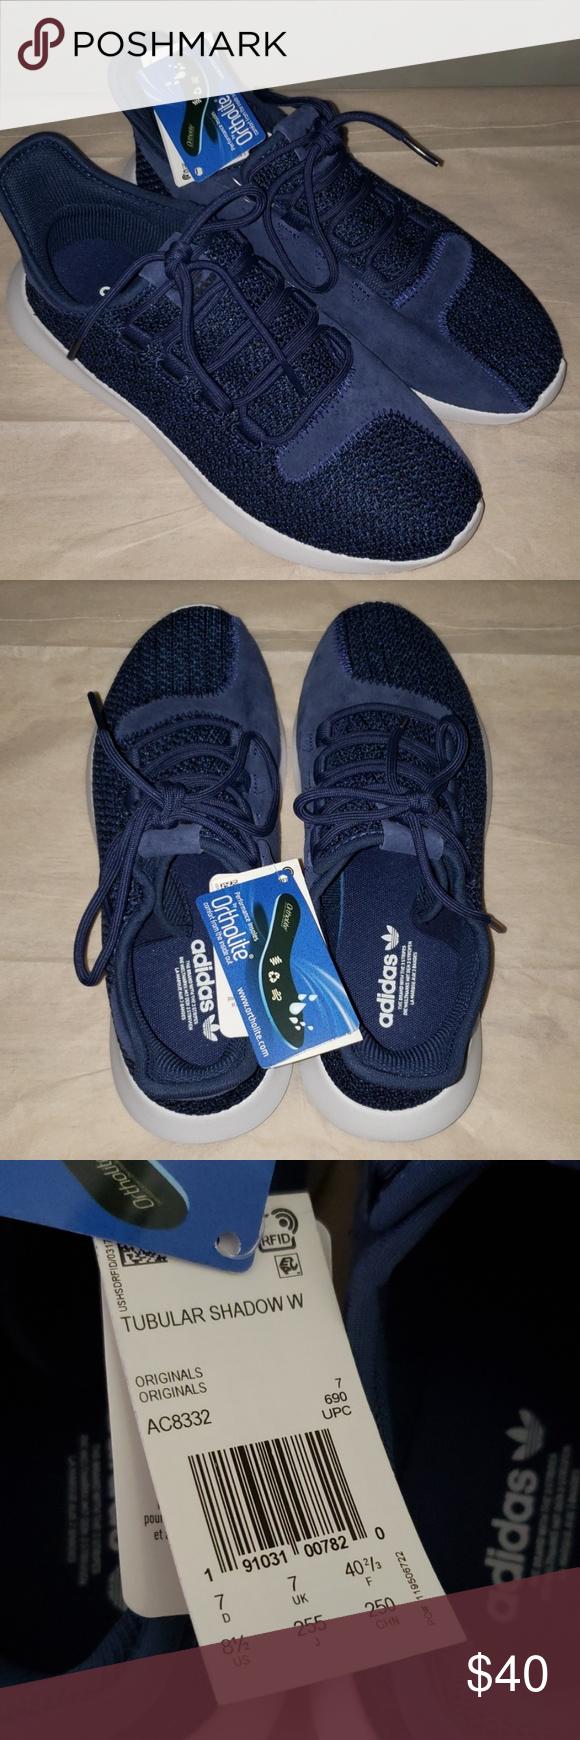 tj maxx adidas shoes Off 65% - www